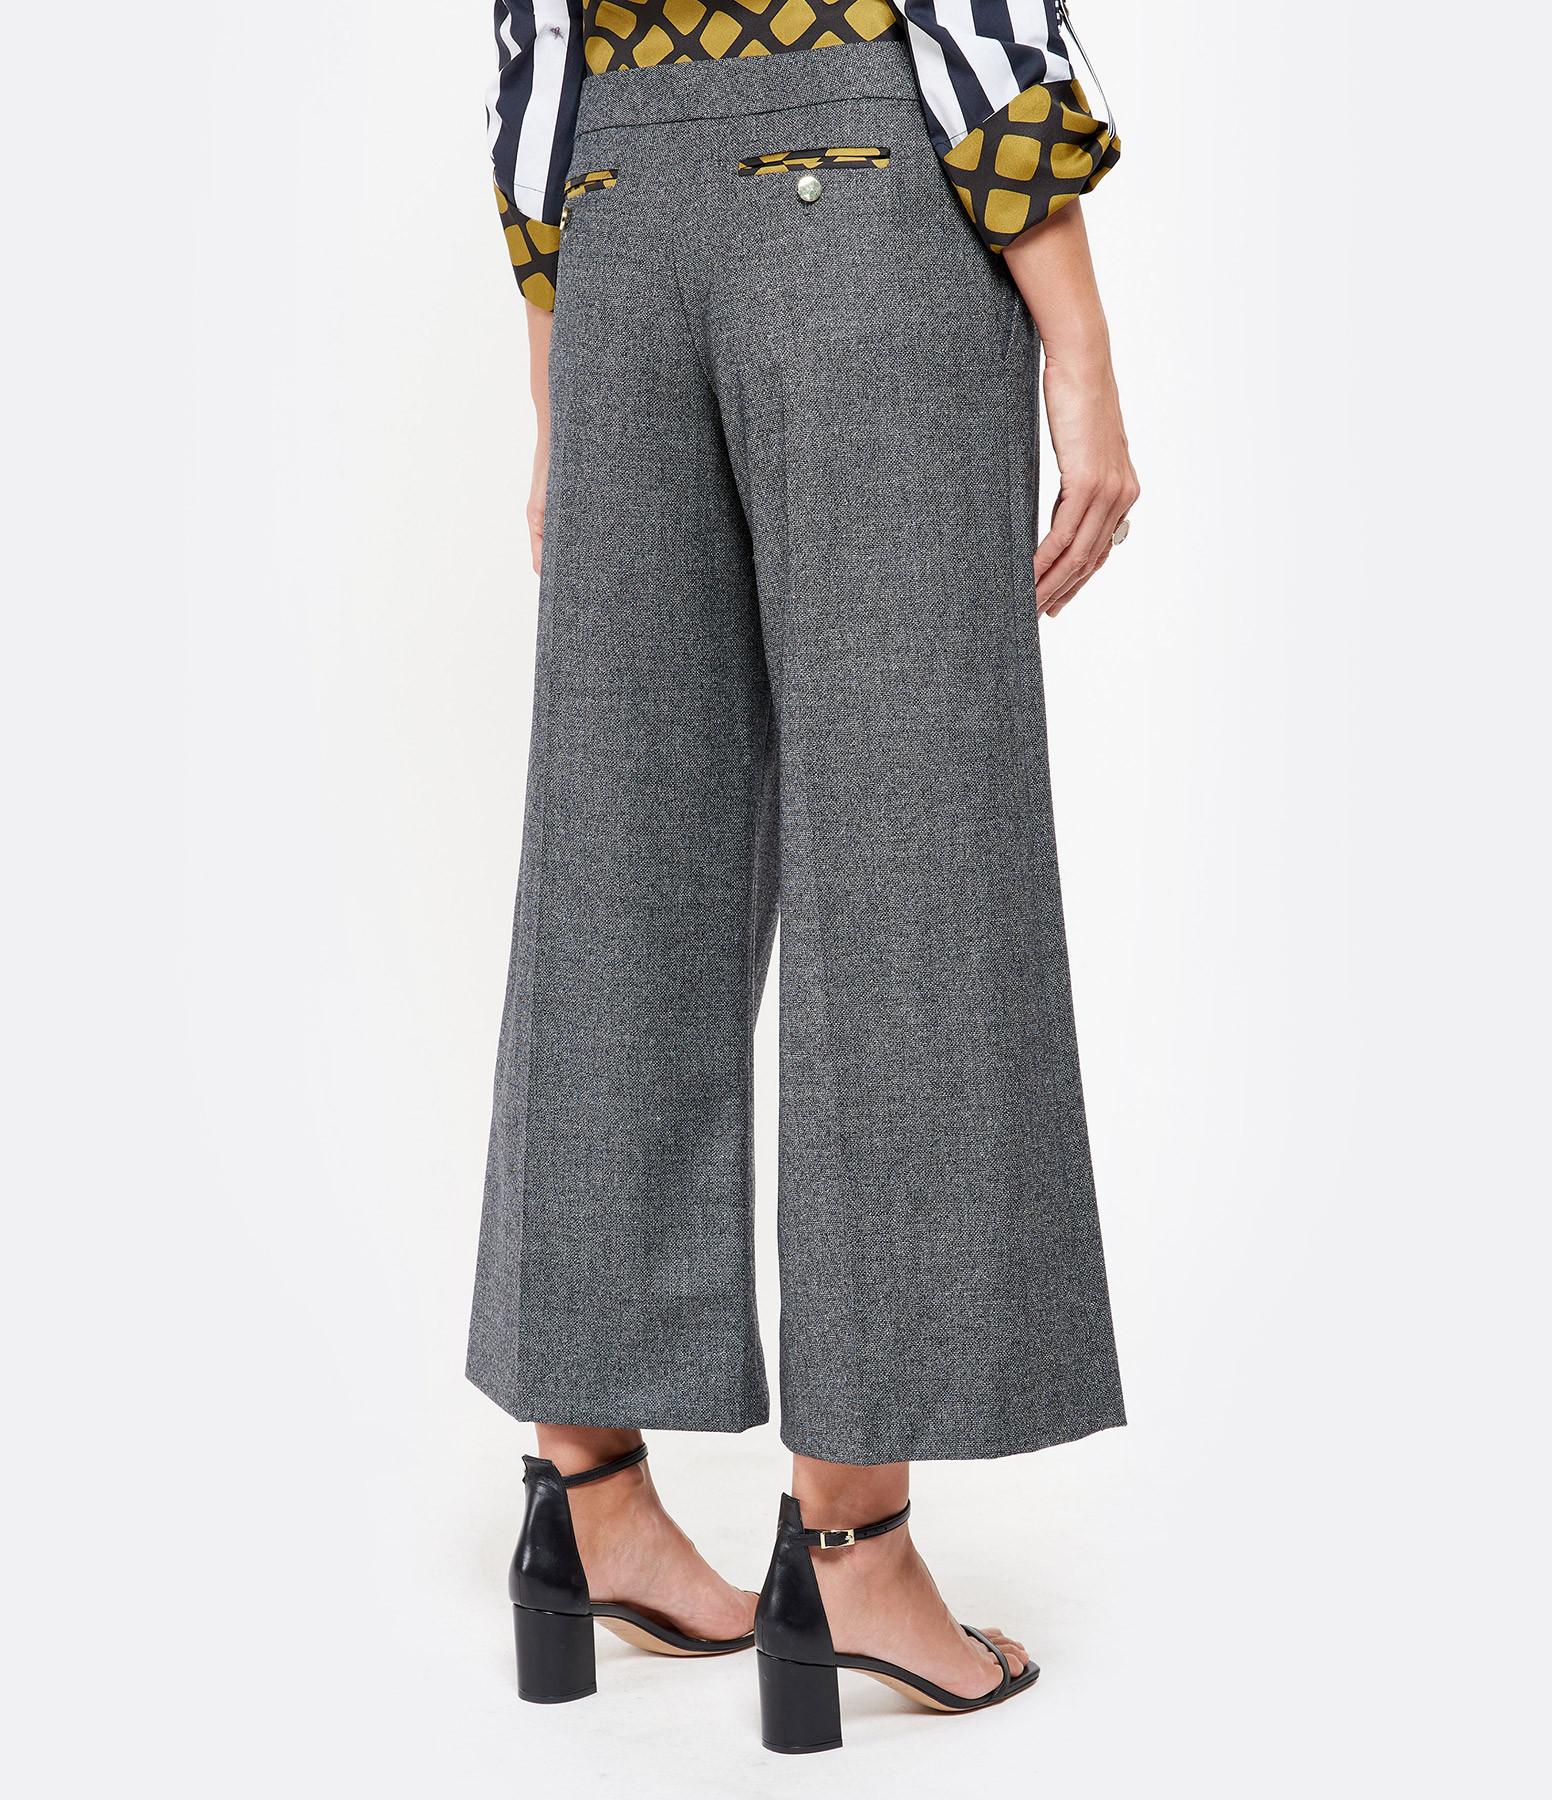 LA PRESTIC OUISTON - Pantalon Yves Laine Chiné Noir